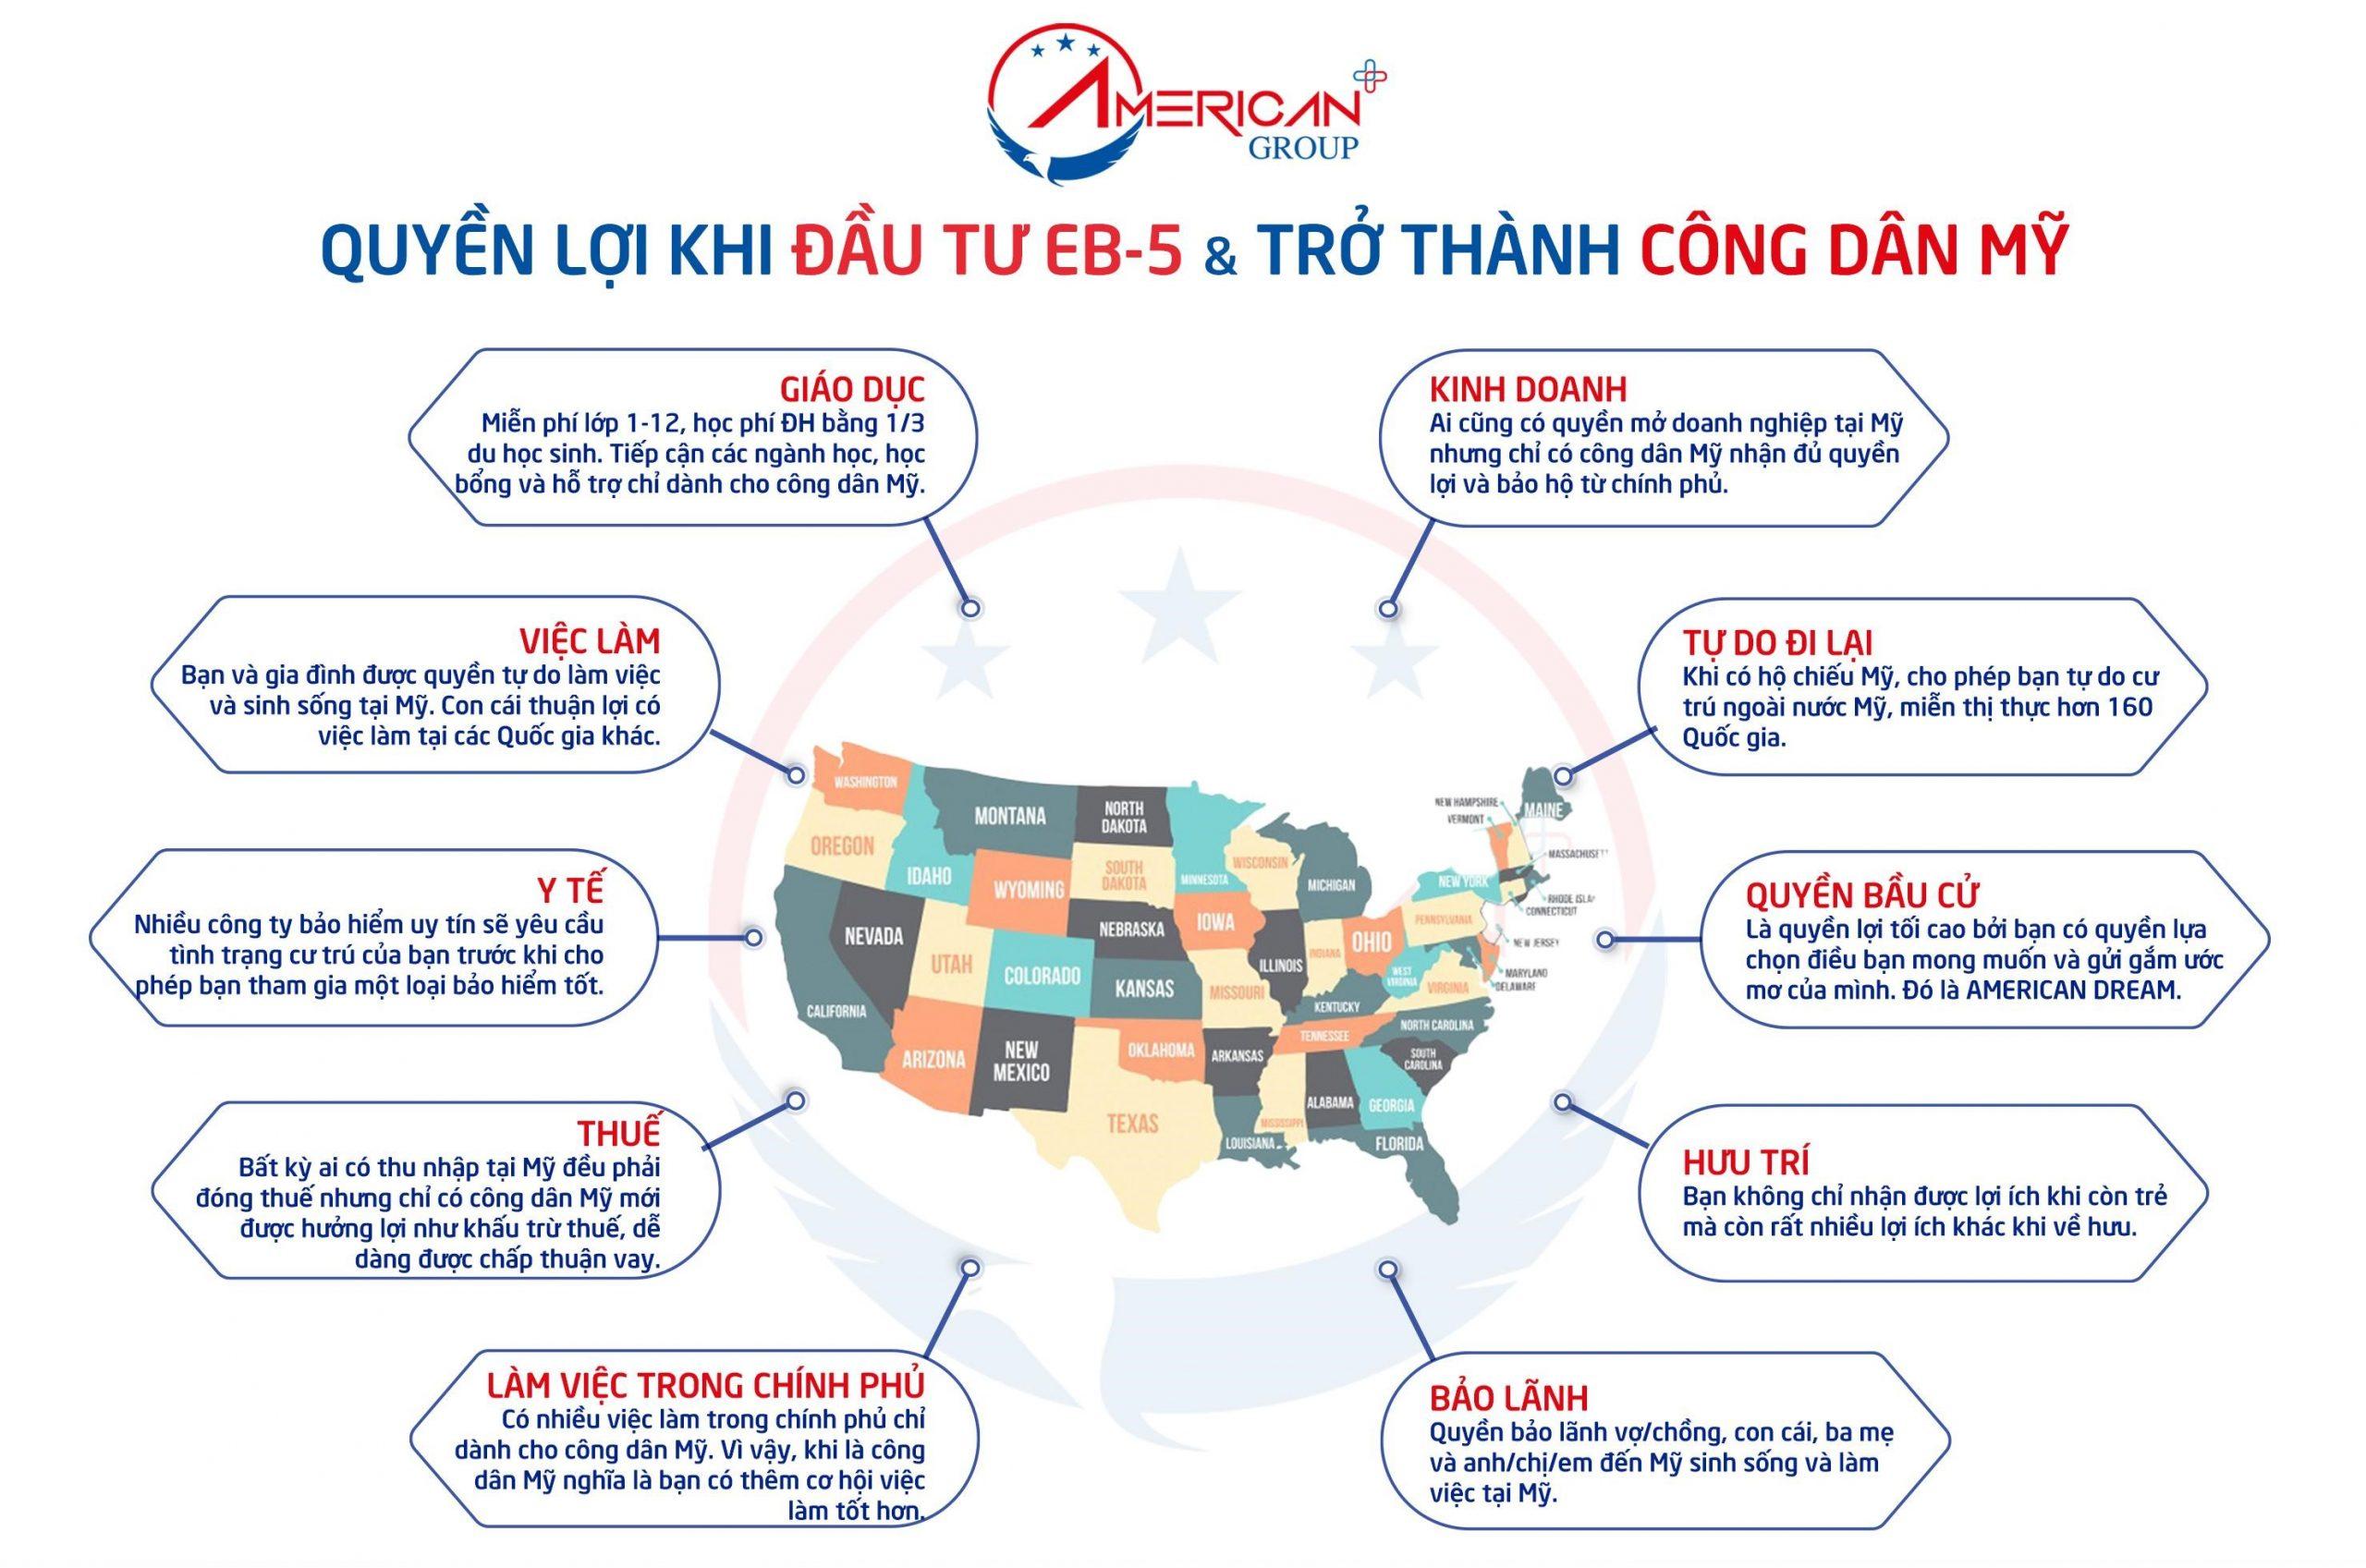 10 Lợi Ích khi đầu tư EB-5 và nhận quốc tịch